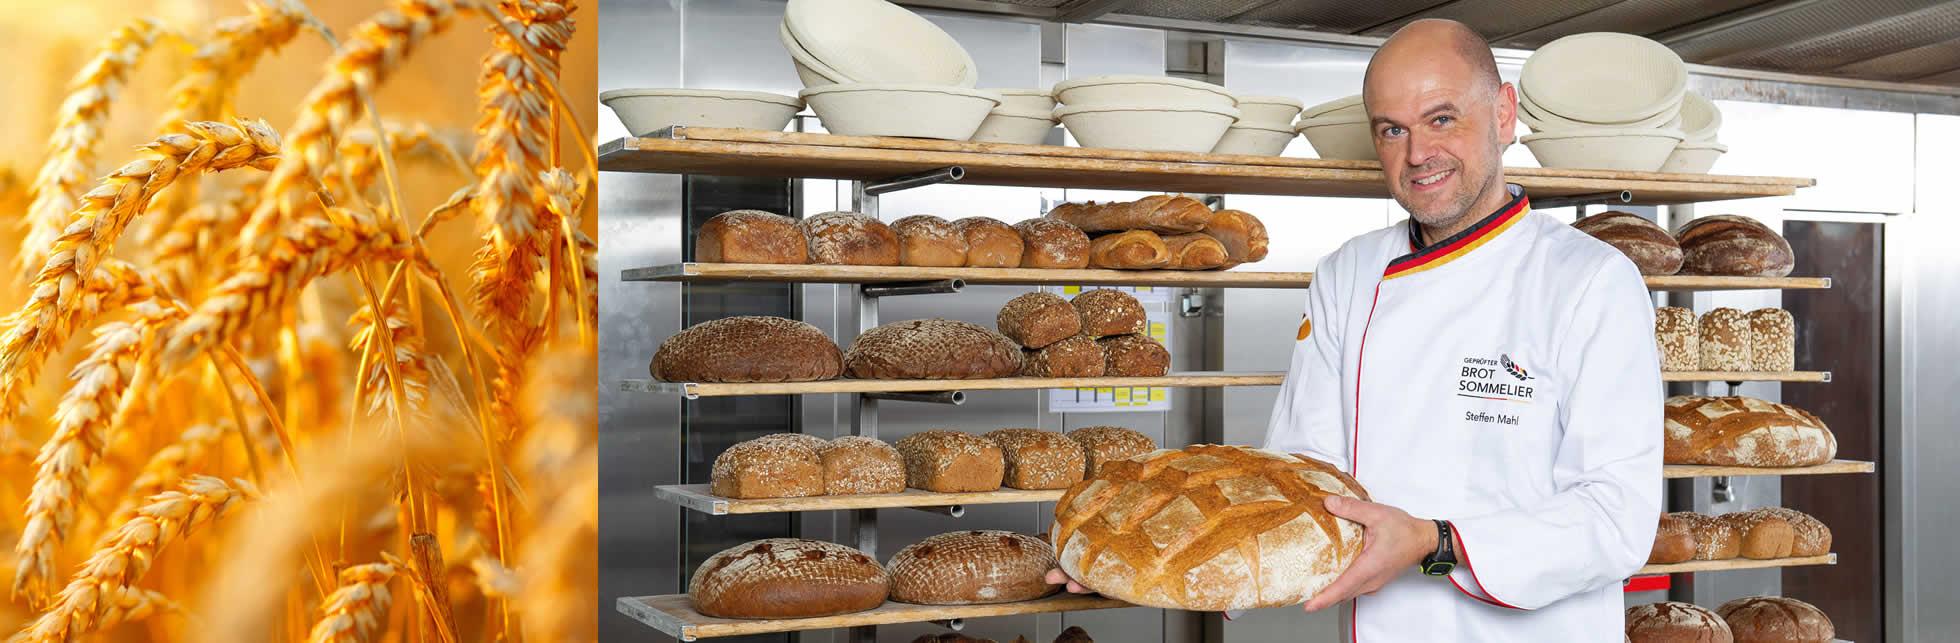 Brot-Sommelier Steffen Mahl